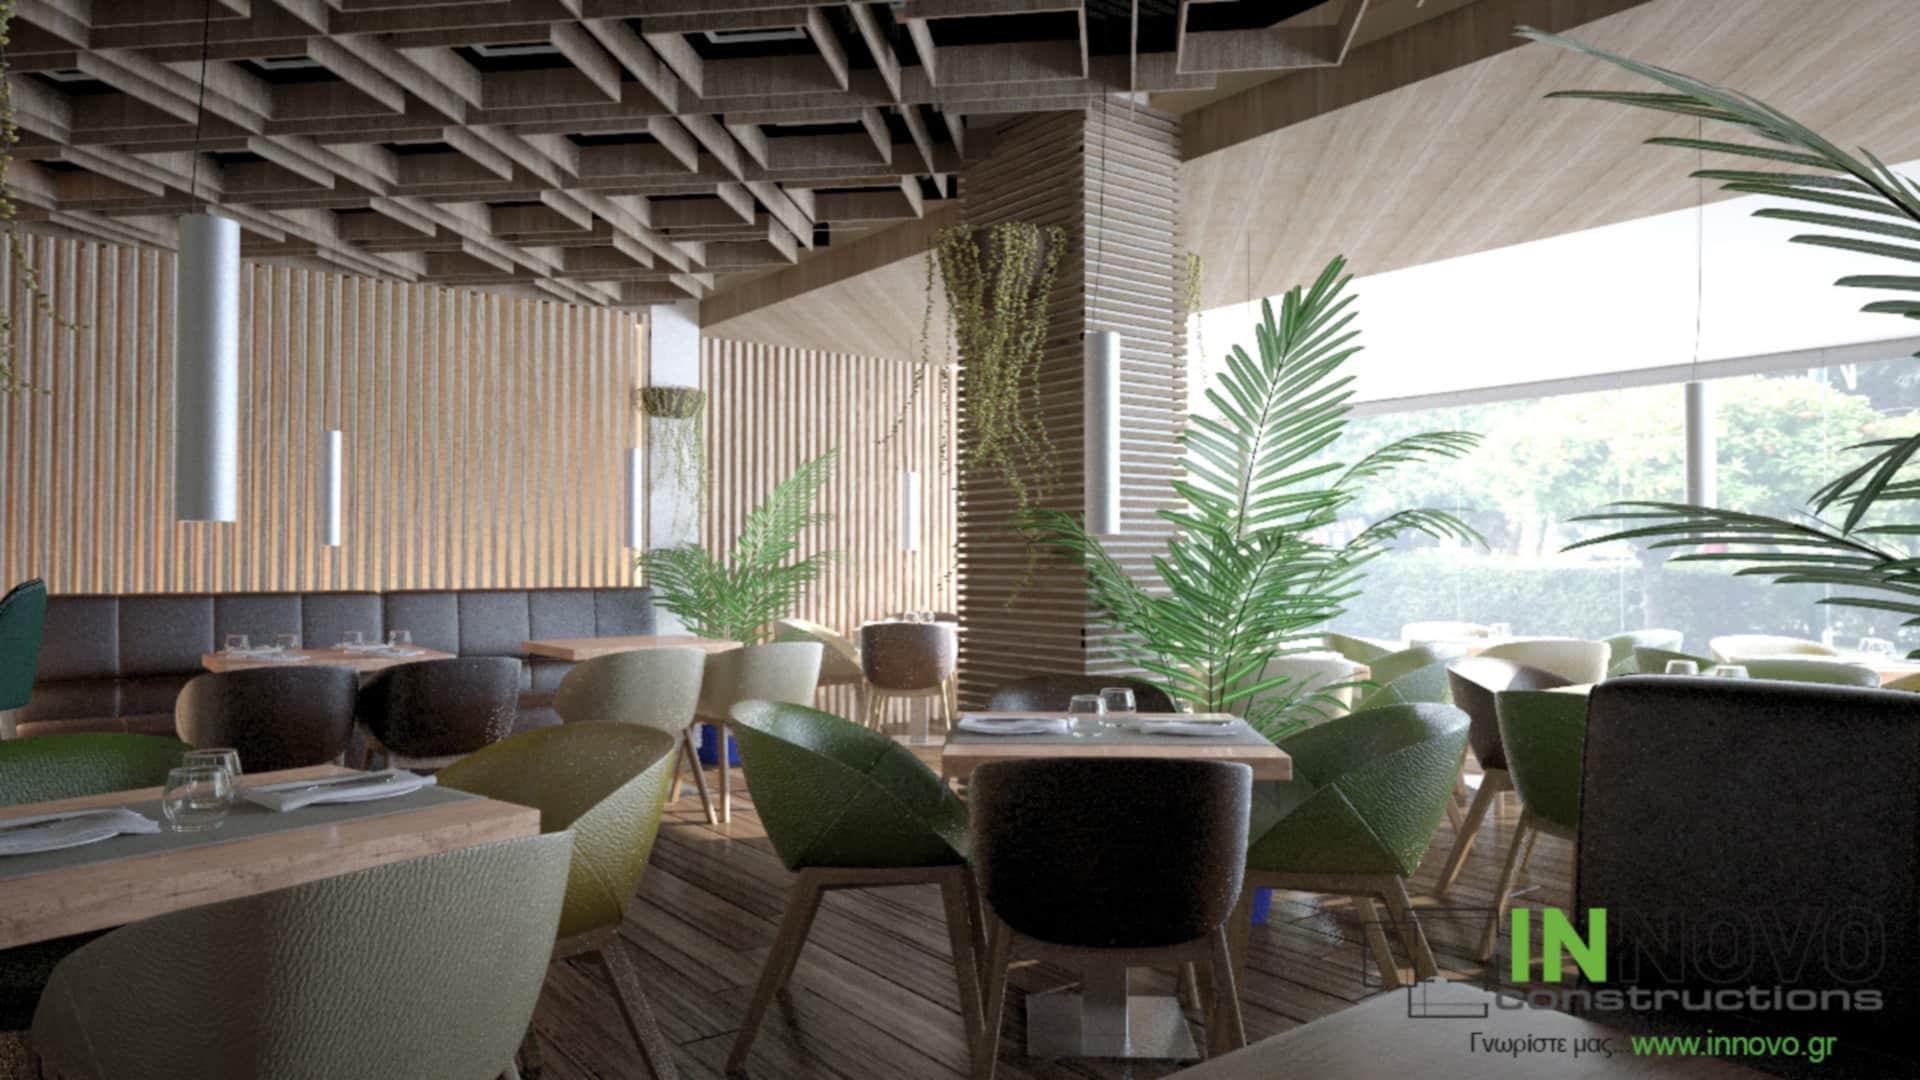 Μελέτη σχεδιασμού εστιατορίου στον Κορυδαλλό